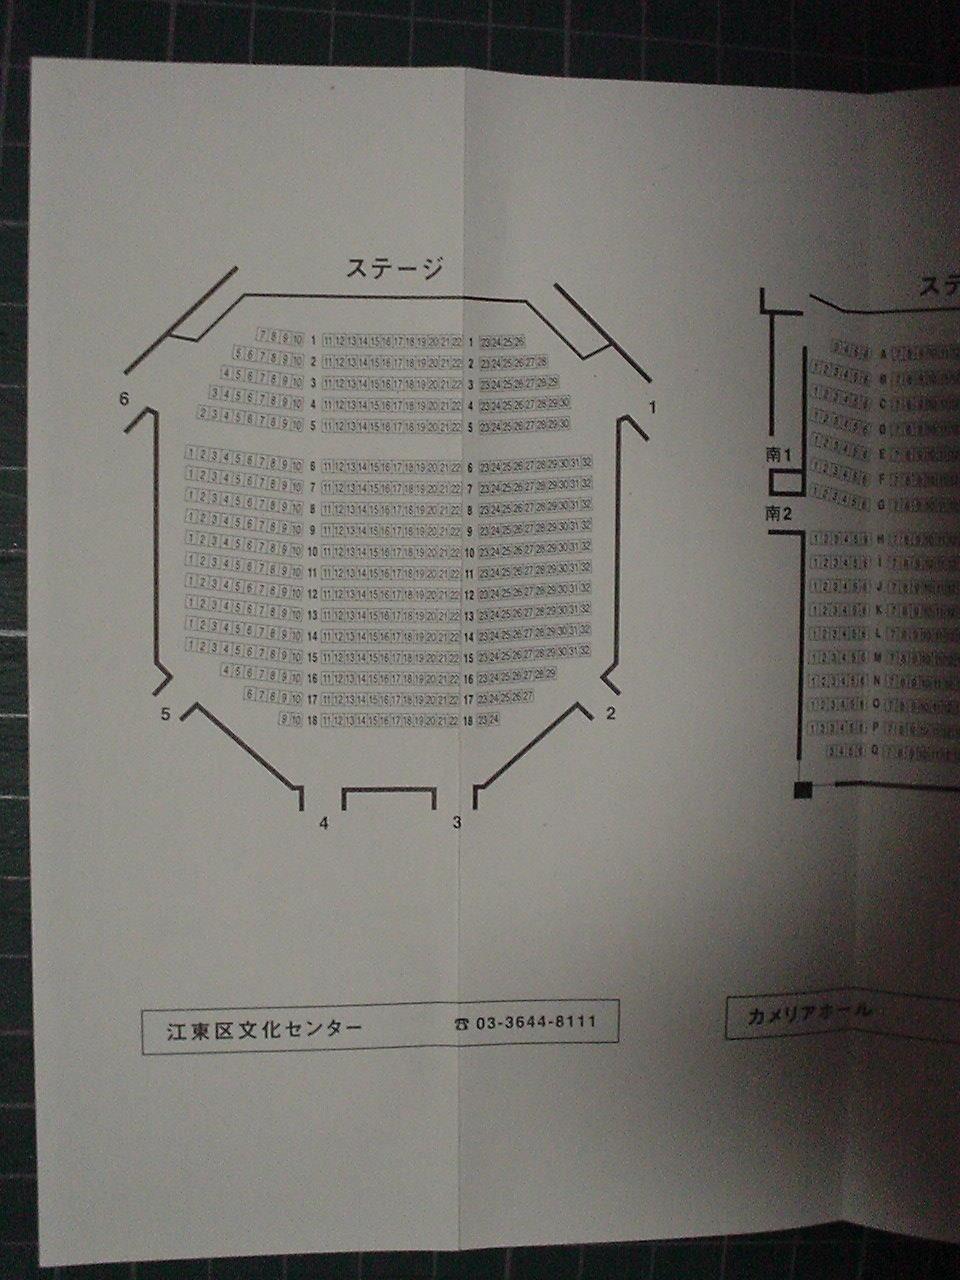 江東区文化センター座席表/画像表示等で大きく表示可能